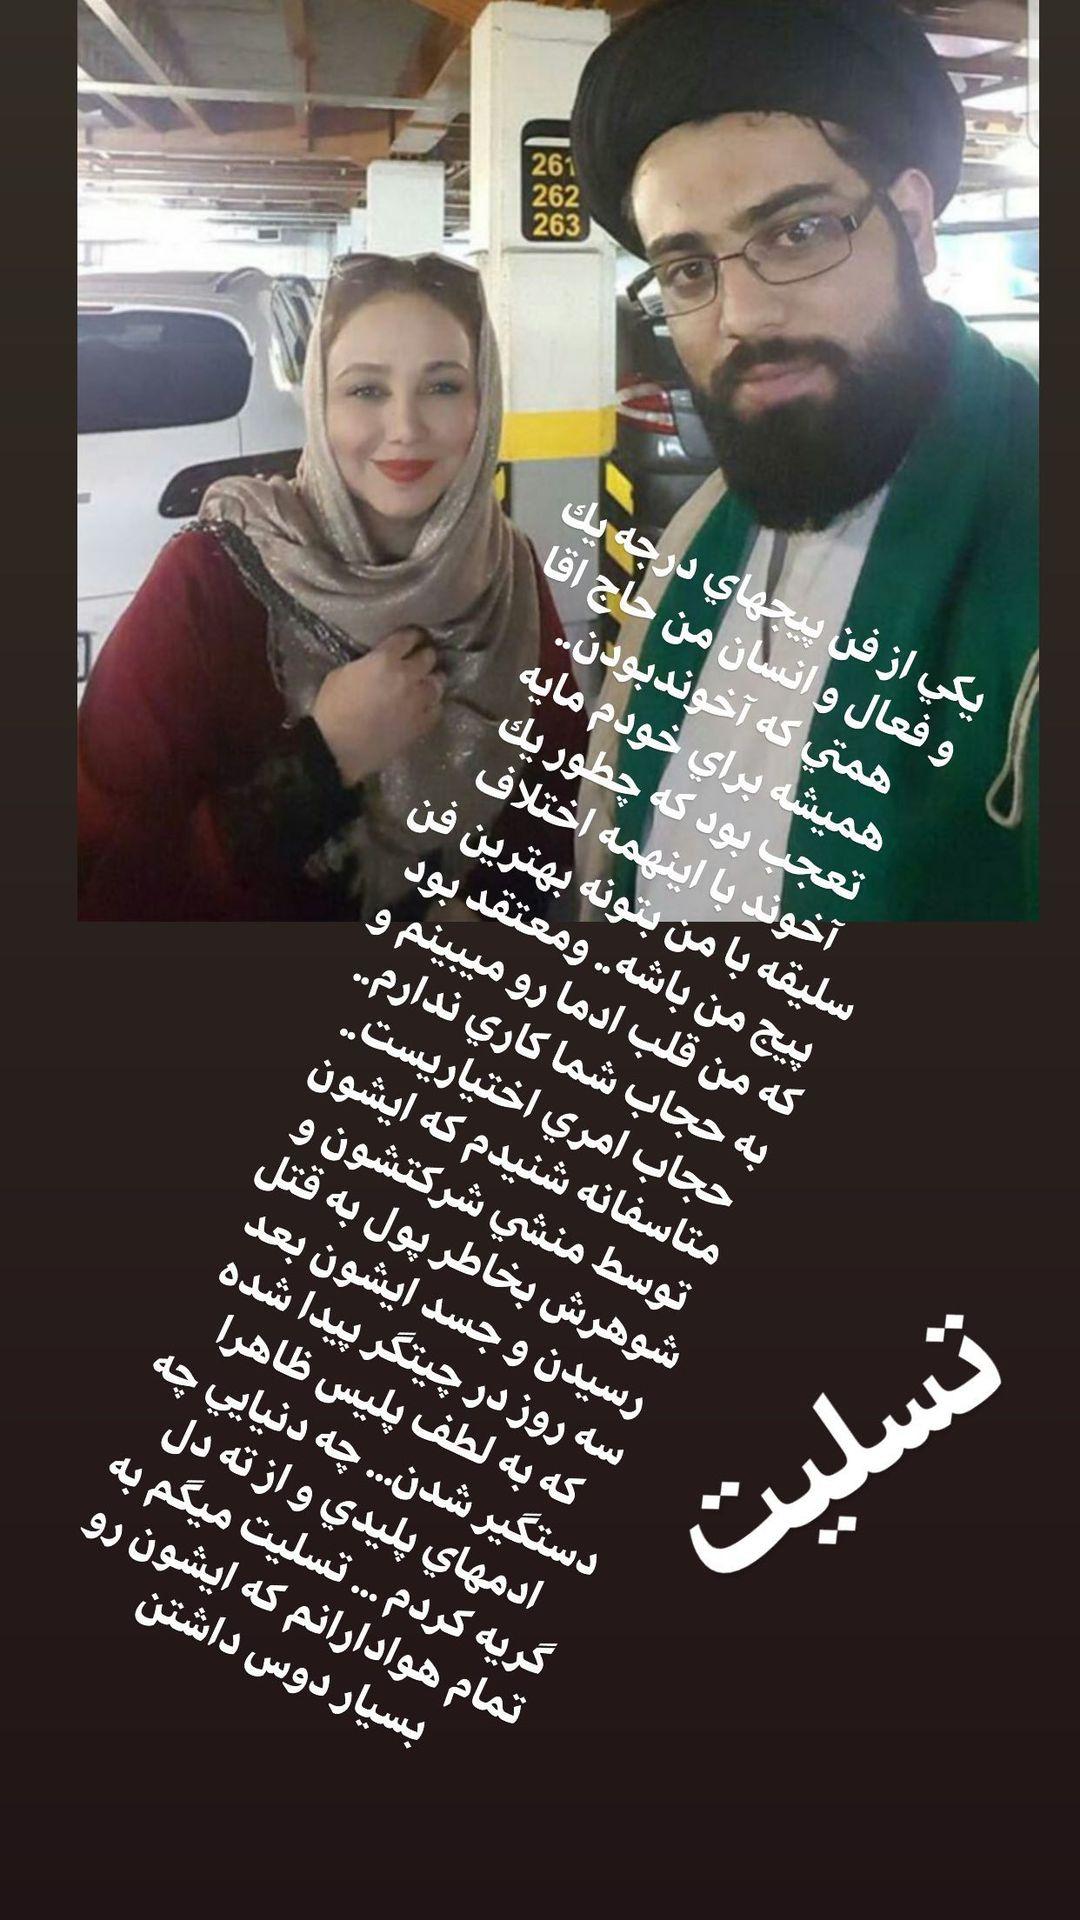 behnoosh_bakhtiari_2616107937455058415_395388544